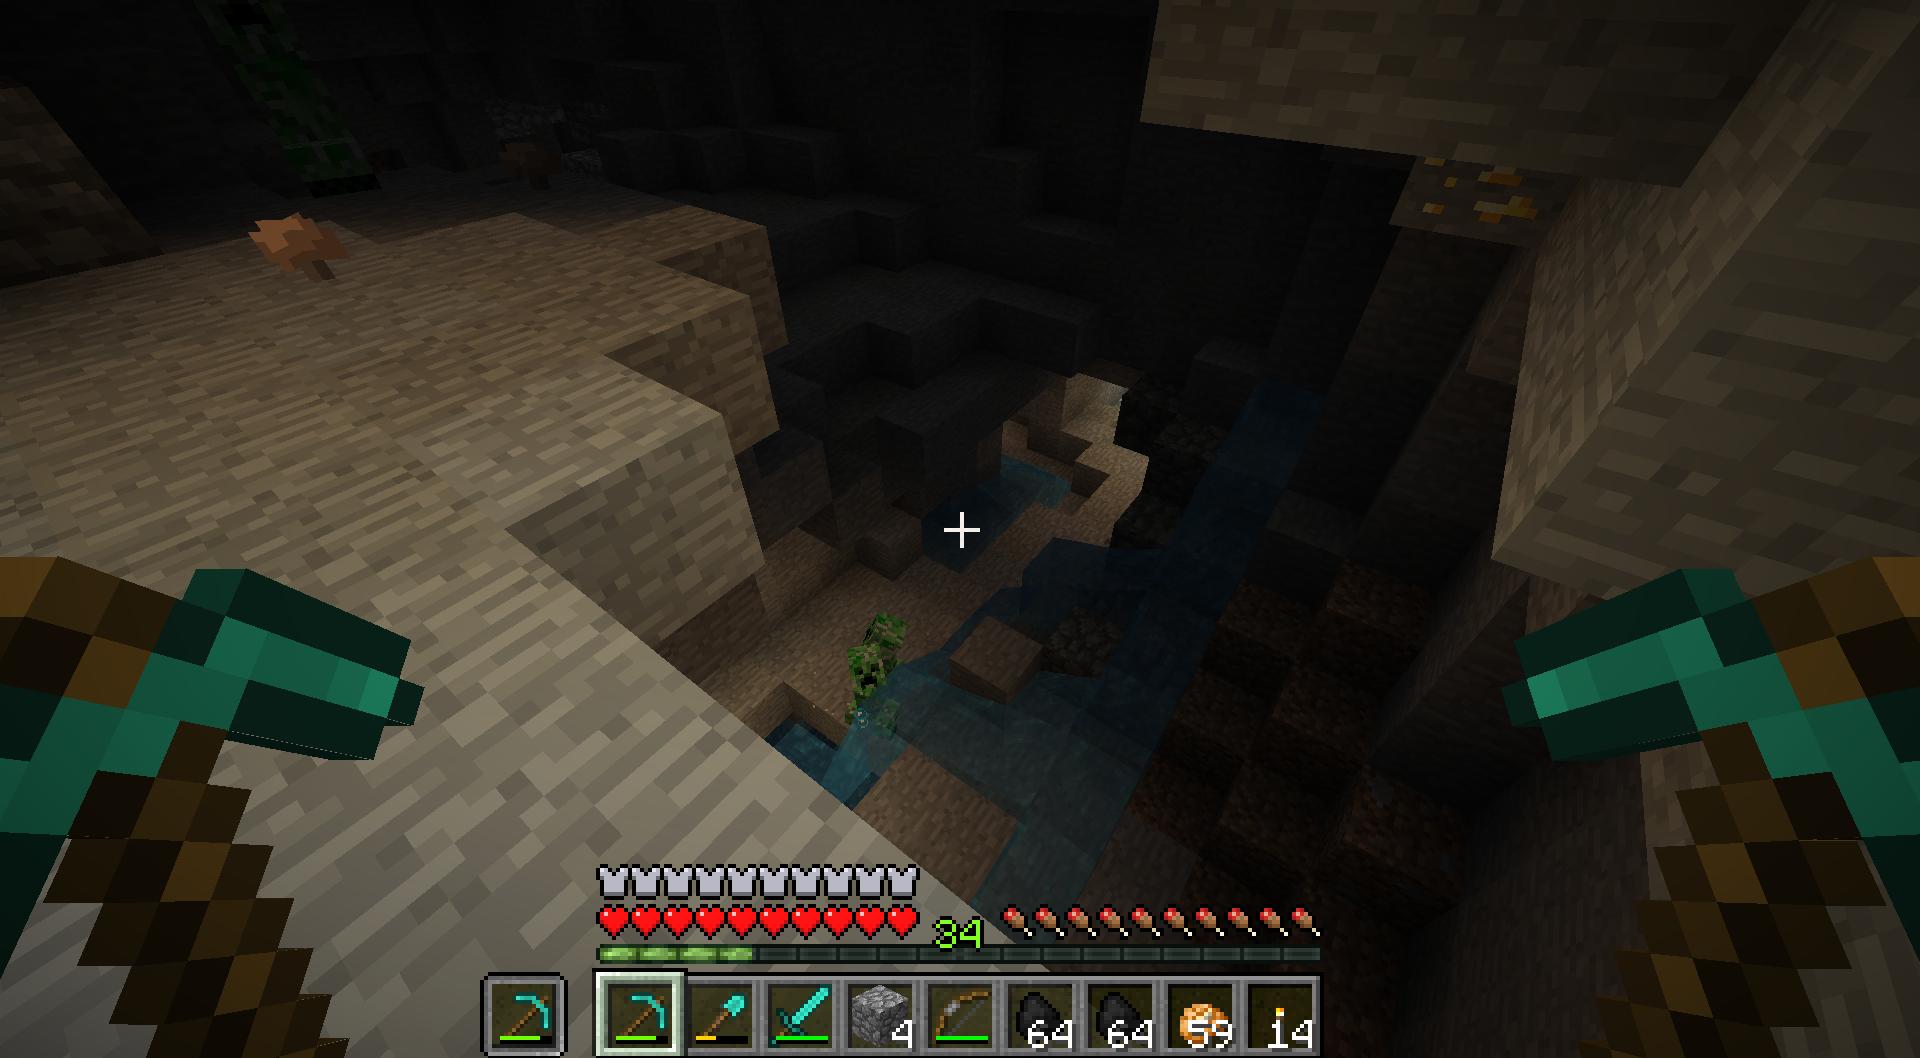 Creeper cave